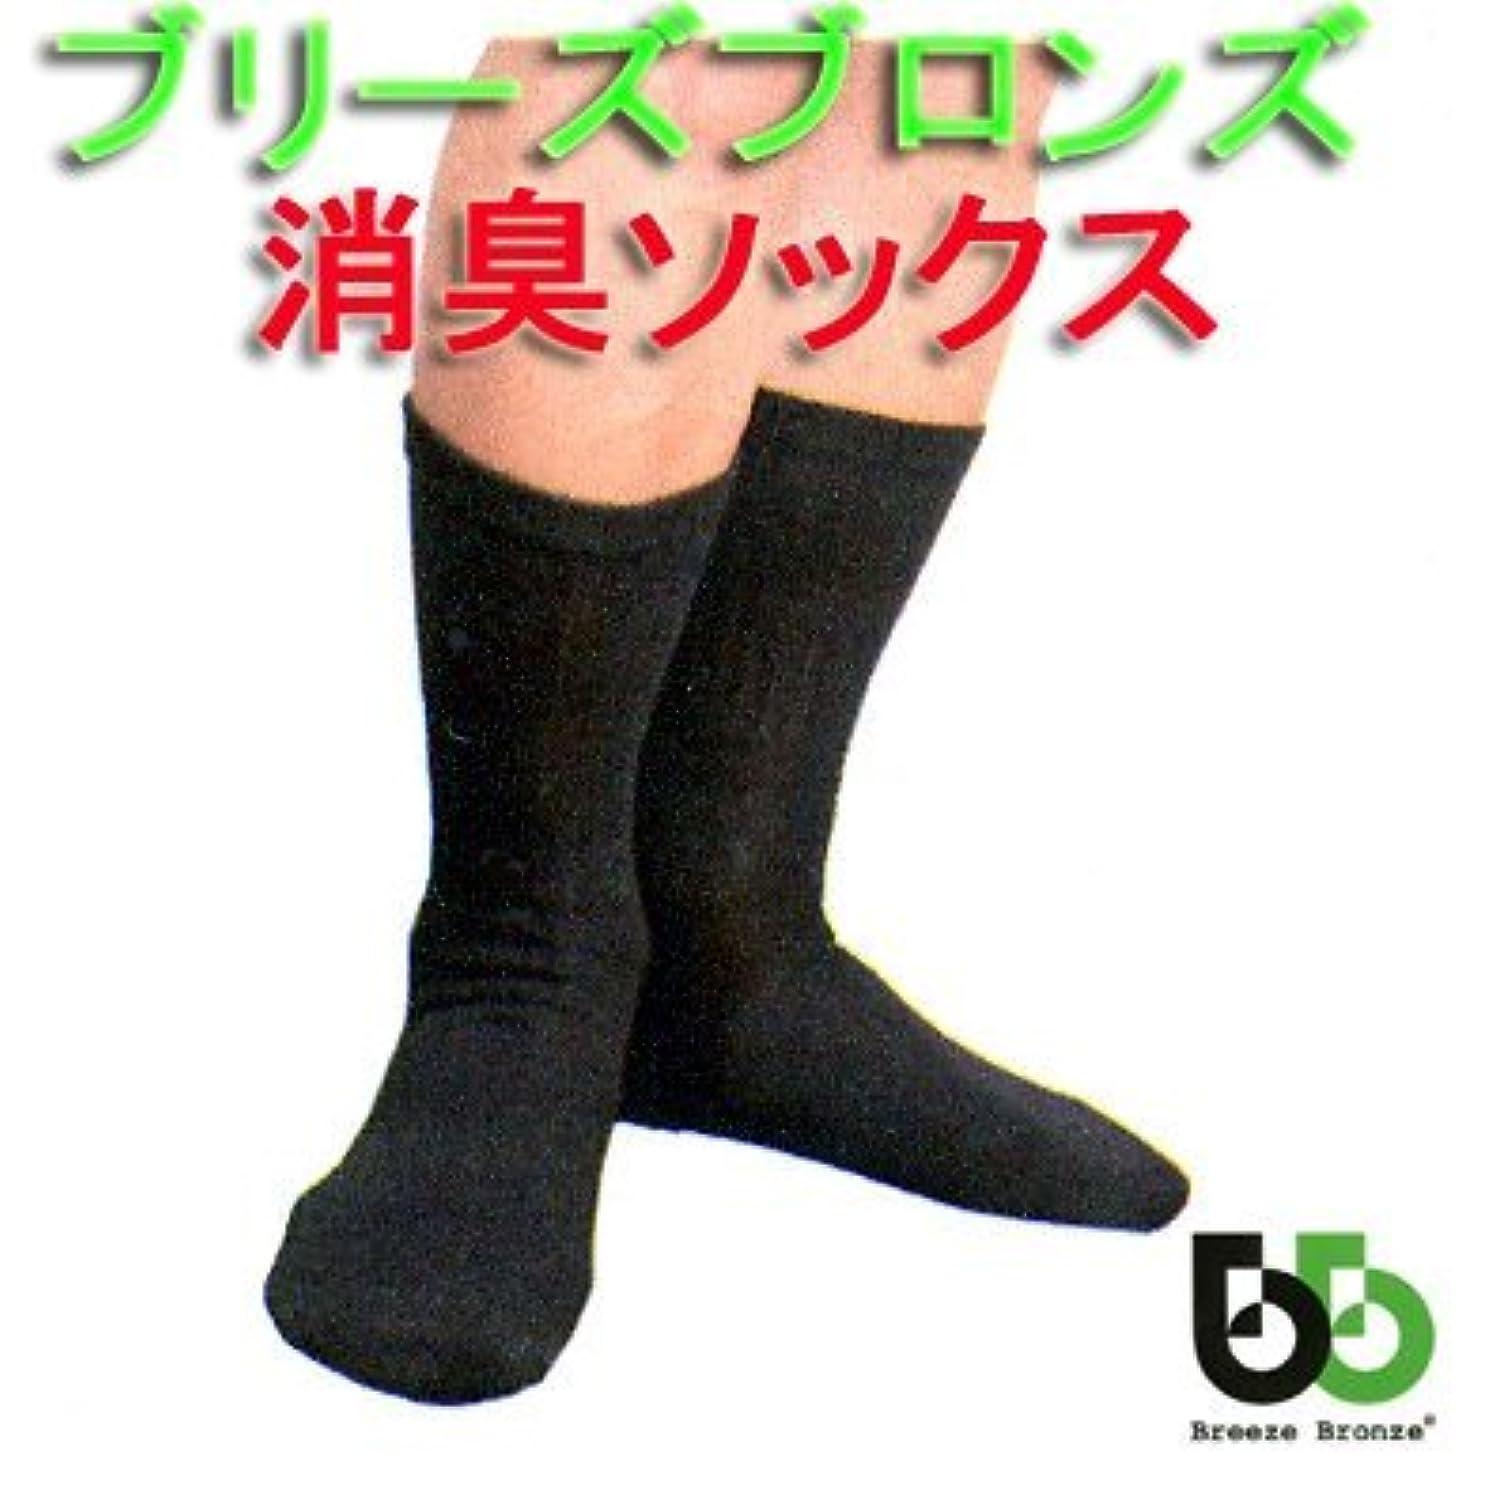 も司教以前はブリーズブロンズ 消臭ソックス 消臭靴下メンズMサイズ25~27cm 3枚セット 日本製 日経スペシャル『アジアの風』でテレビ放映!